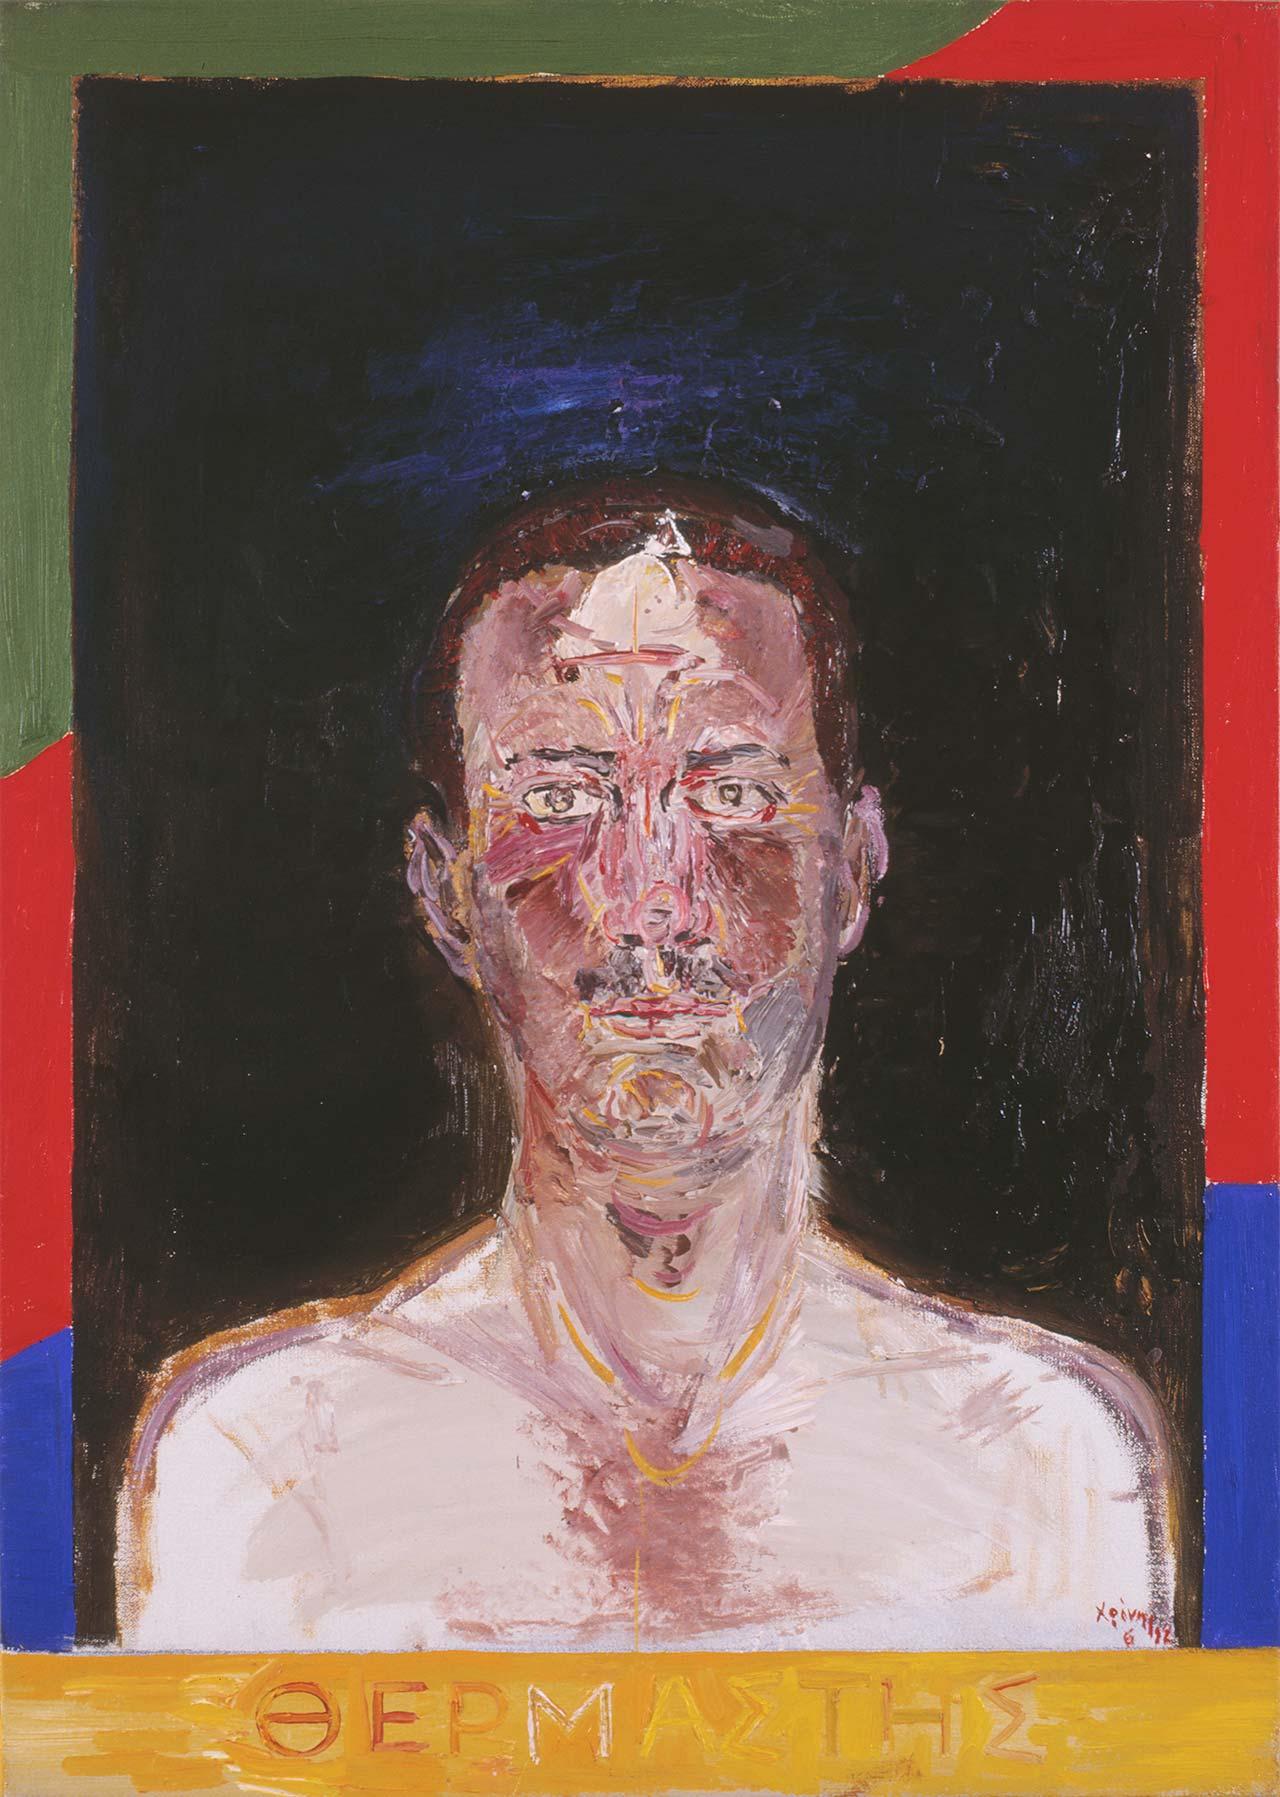 Θερμαστής, 1992, λάδι σε πανί, 70x50 εκ.